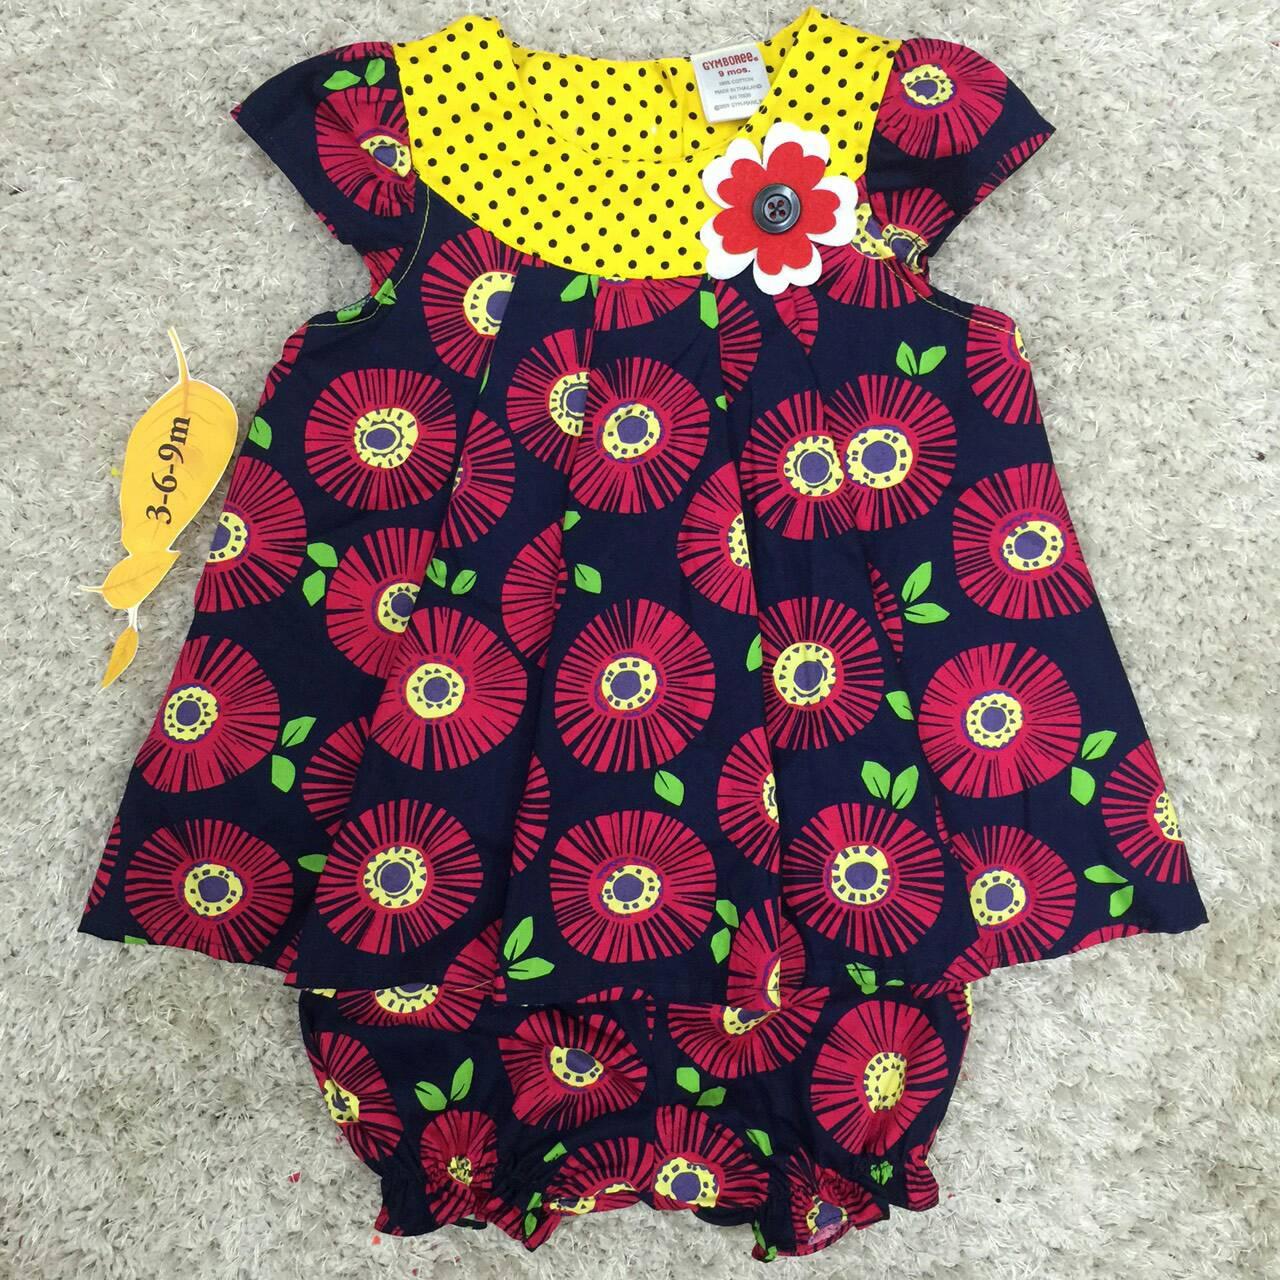 เสื้อผ้าเด็ก (พร้อมส่ง!!) 170460-3